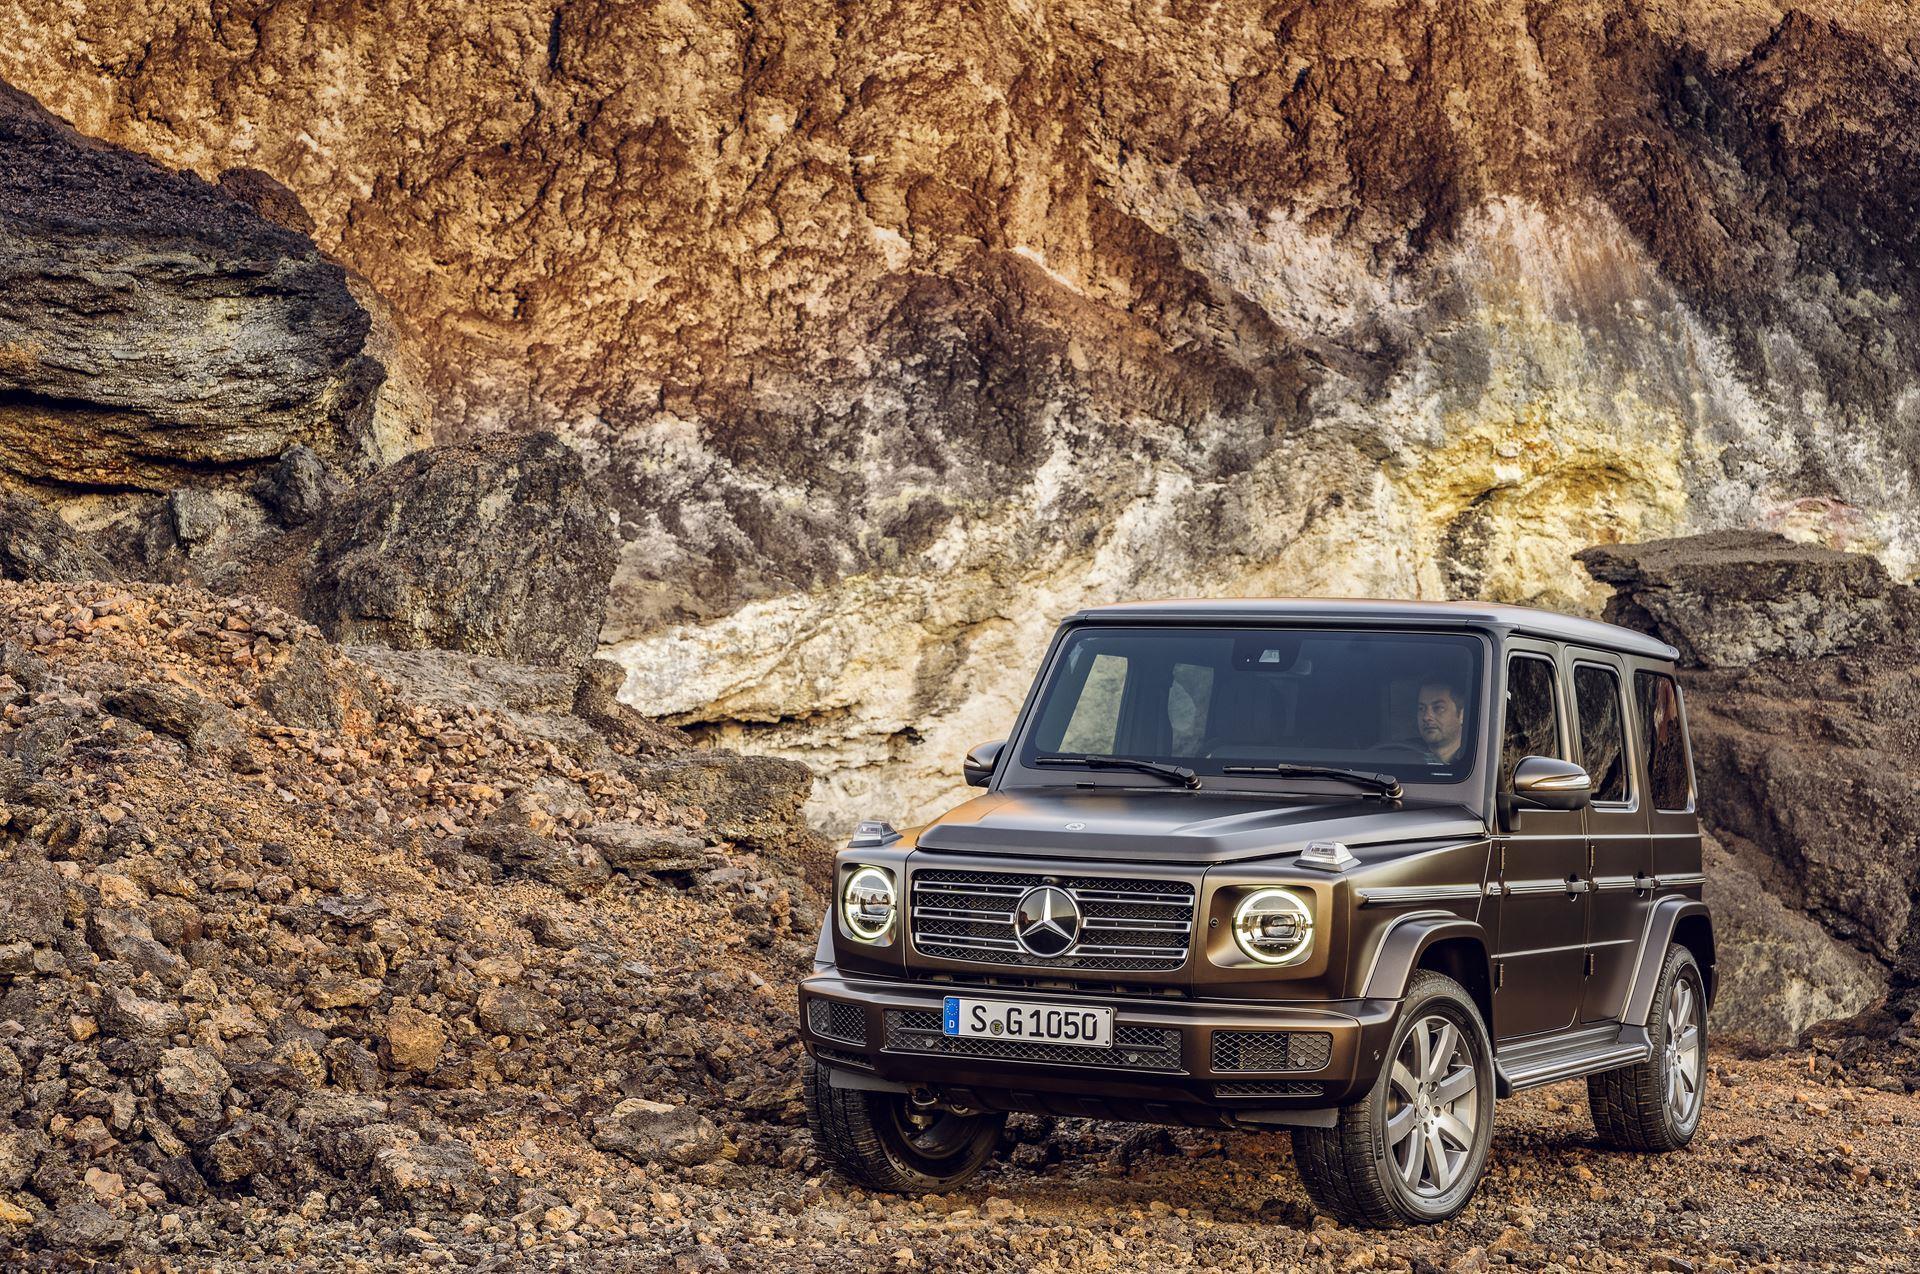 2019 Mercedes Benz G Class Wallpapers Hd Drivespark